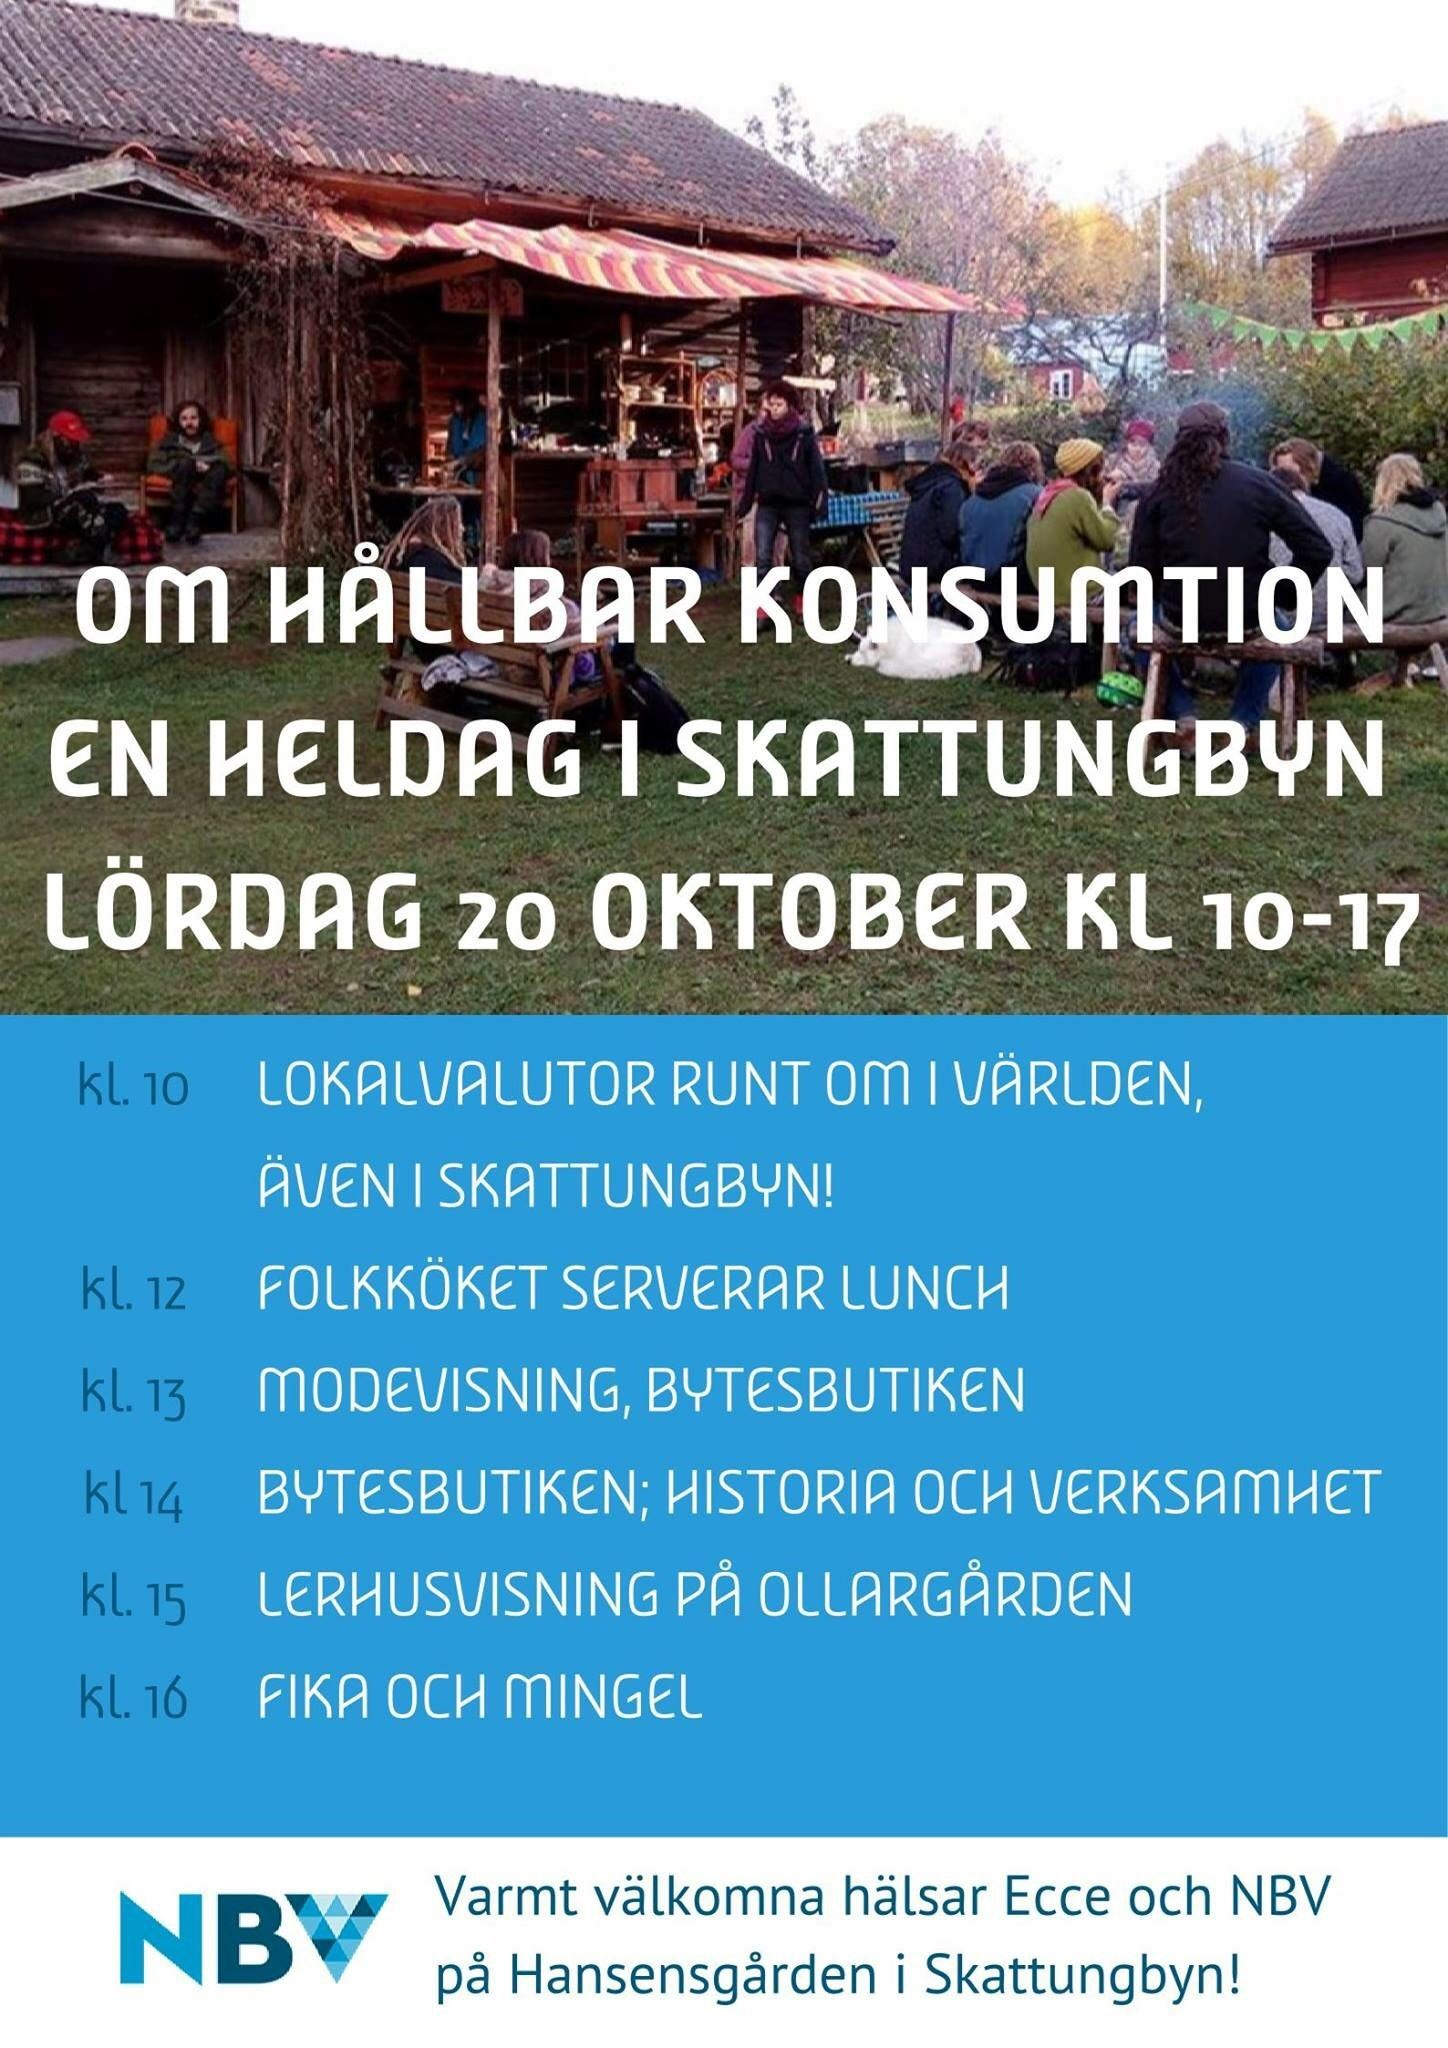 Om hållbar konsumtion - en heldag i Skattungbyn